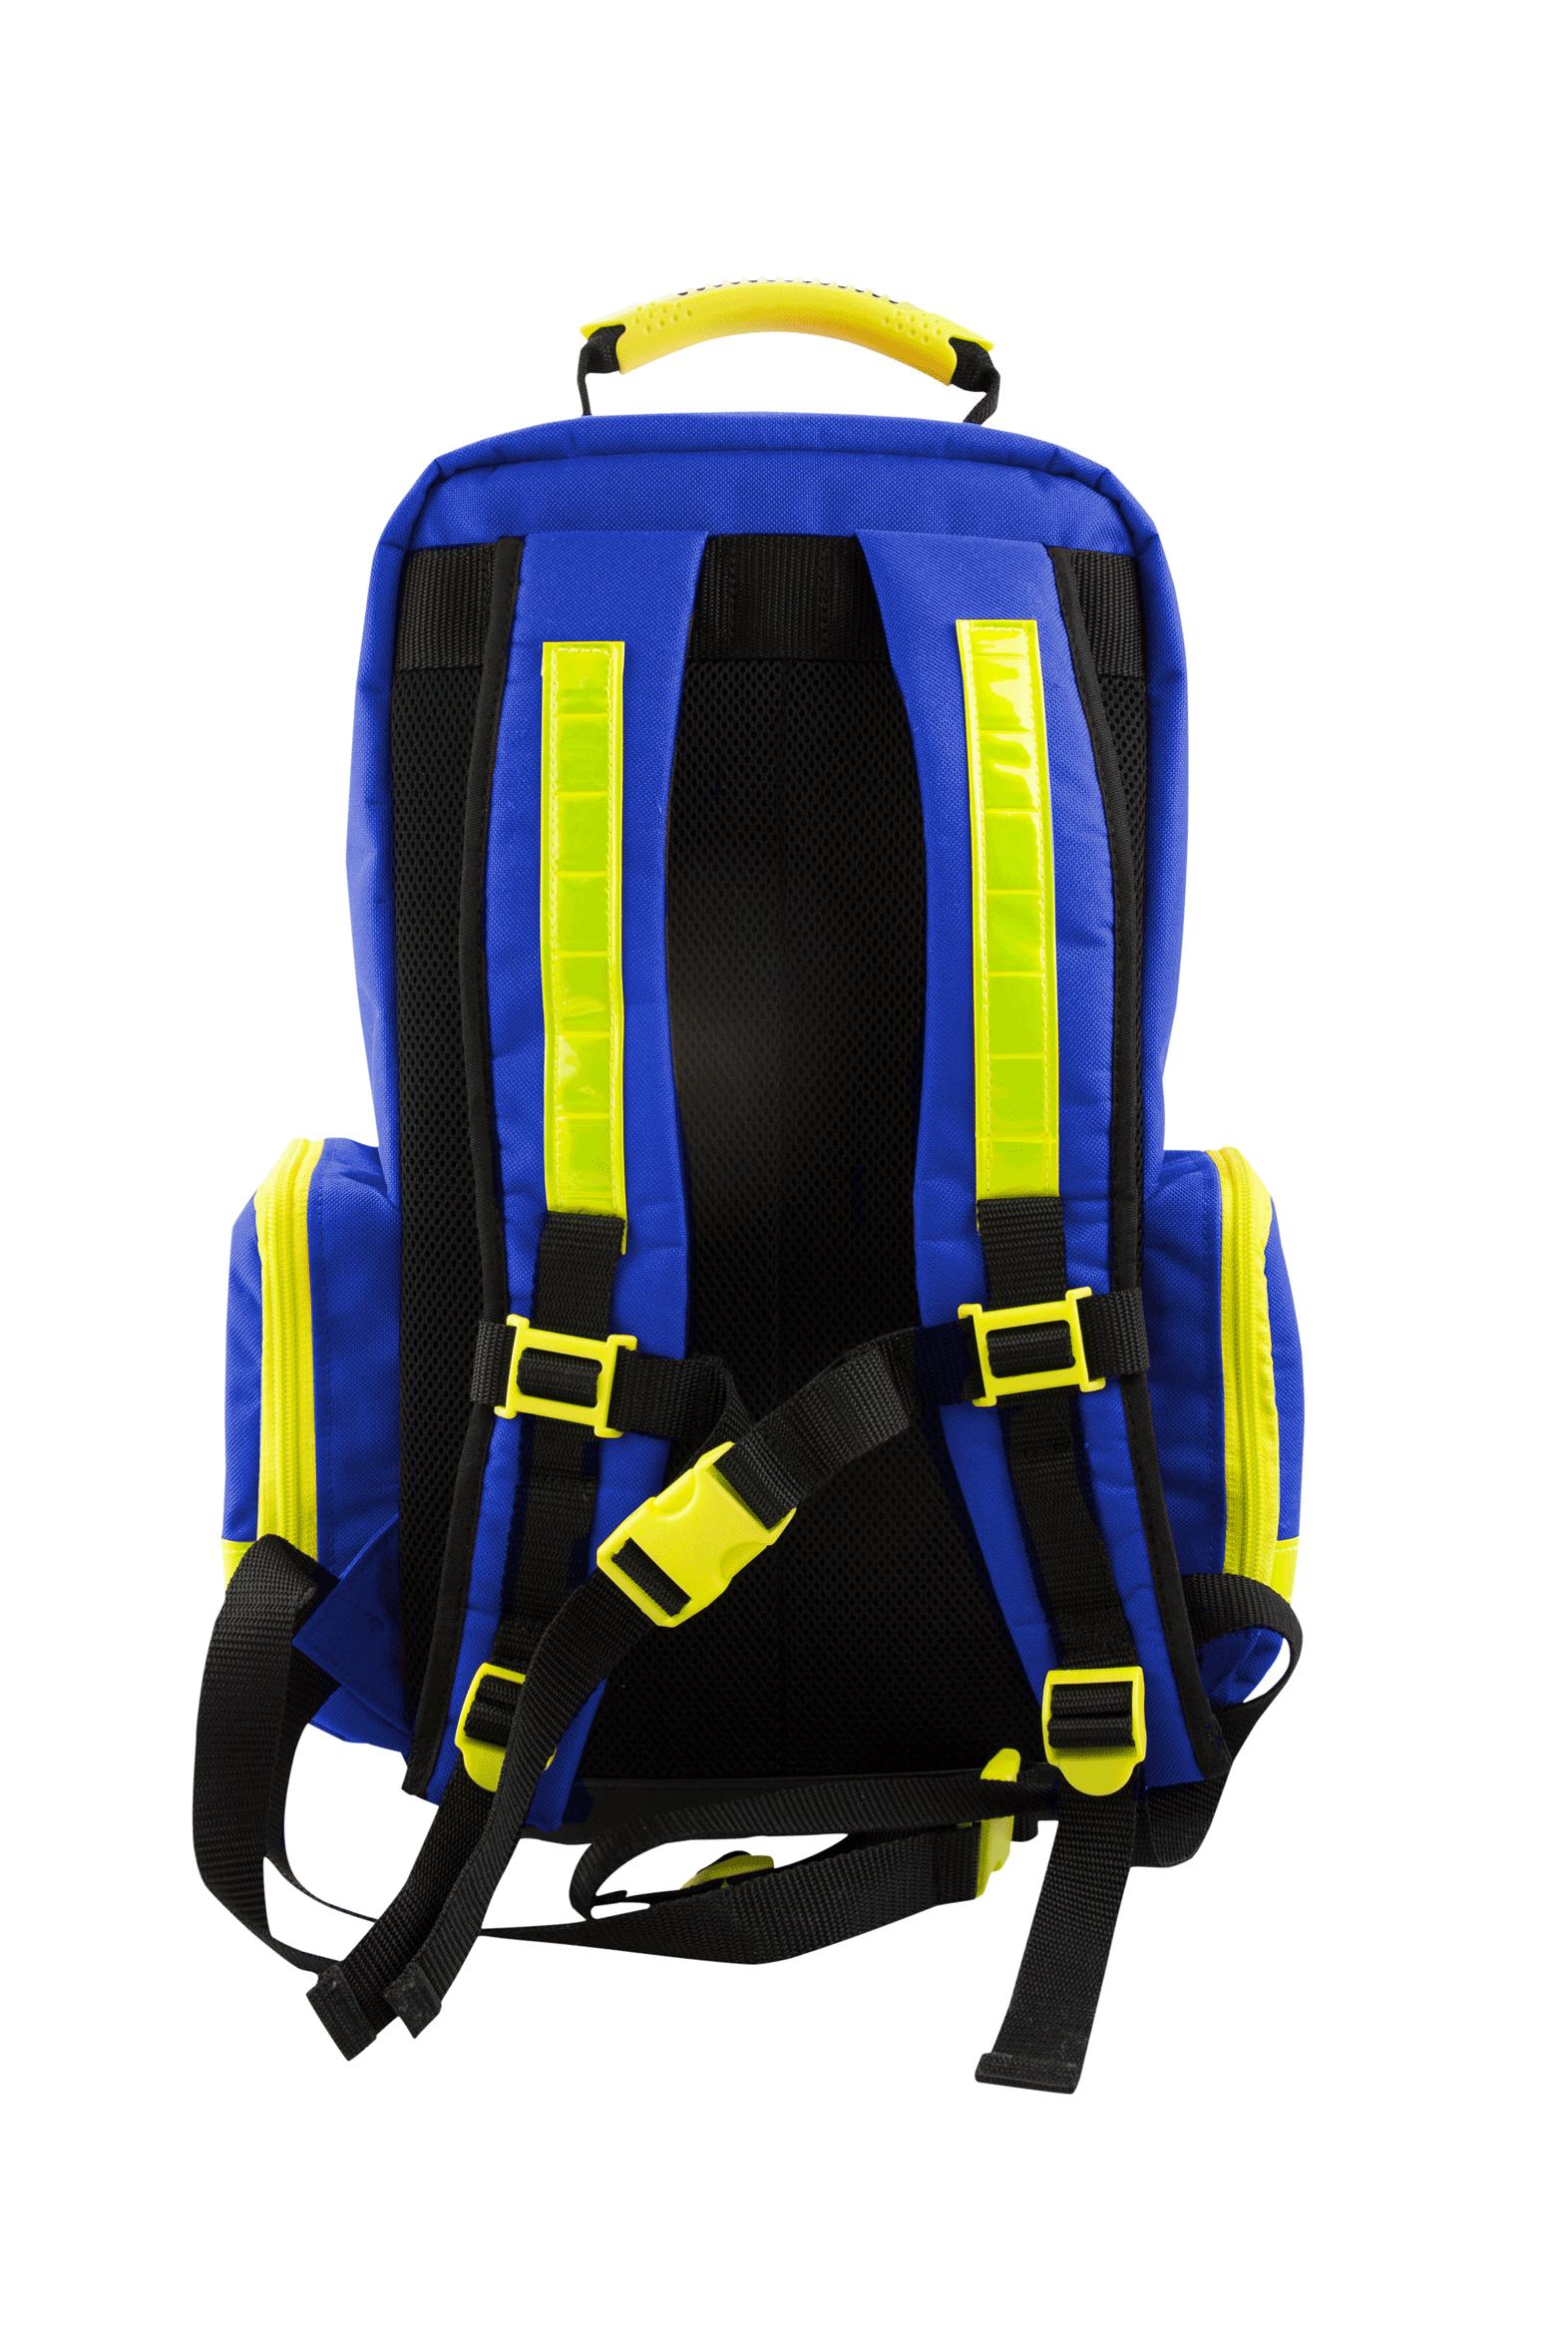 AEROcase Notfallrucksack large Pro1R PL1C Polyester in blau